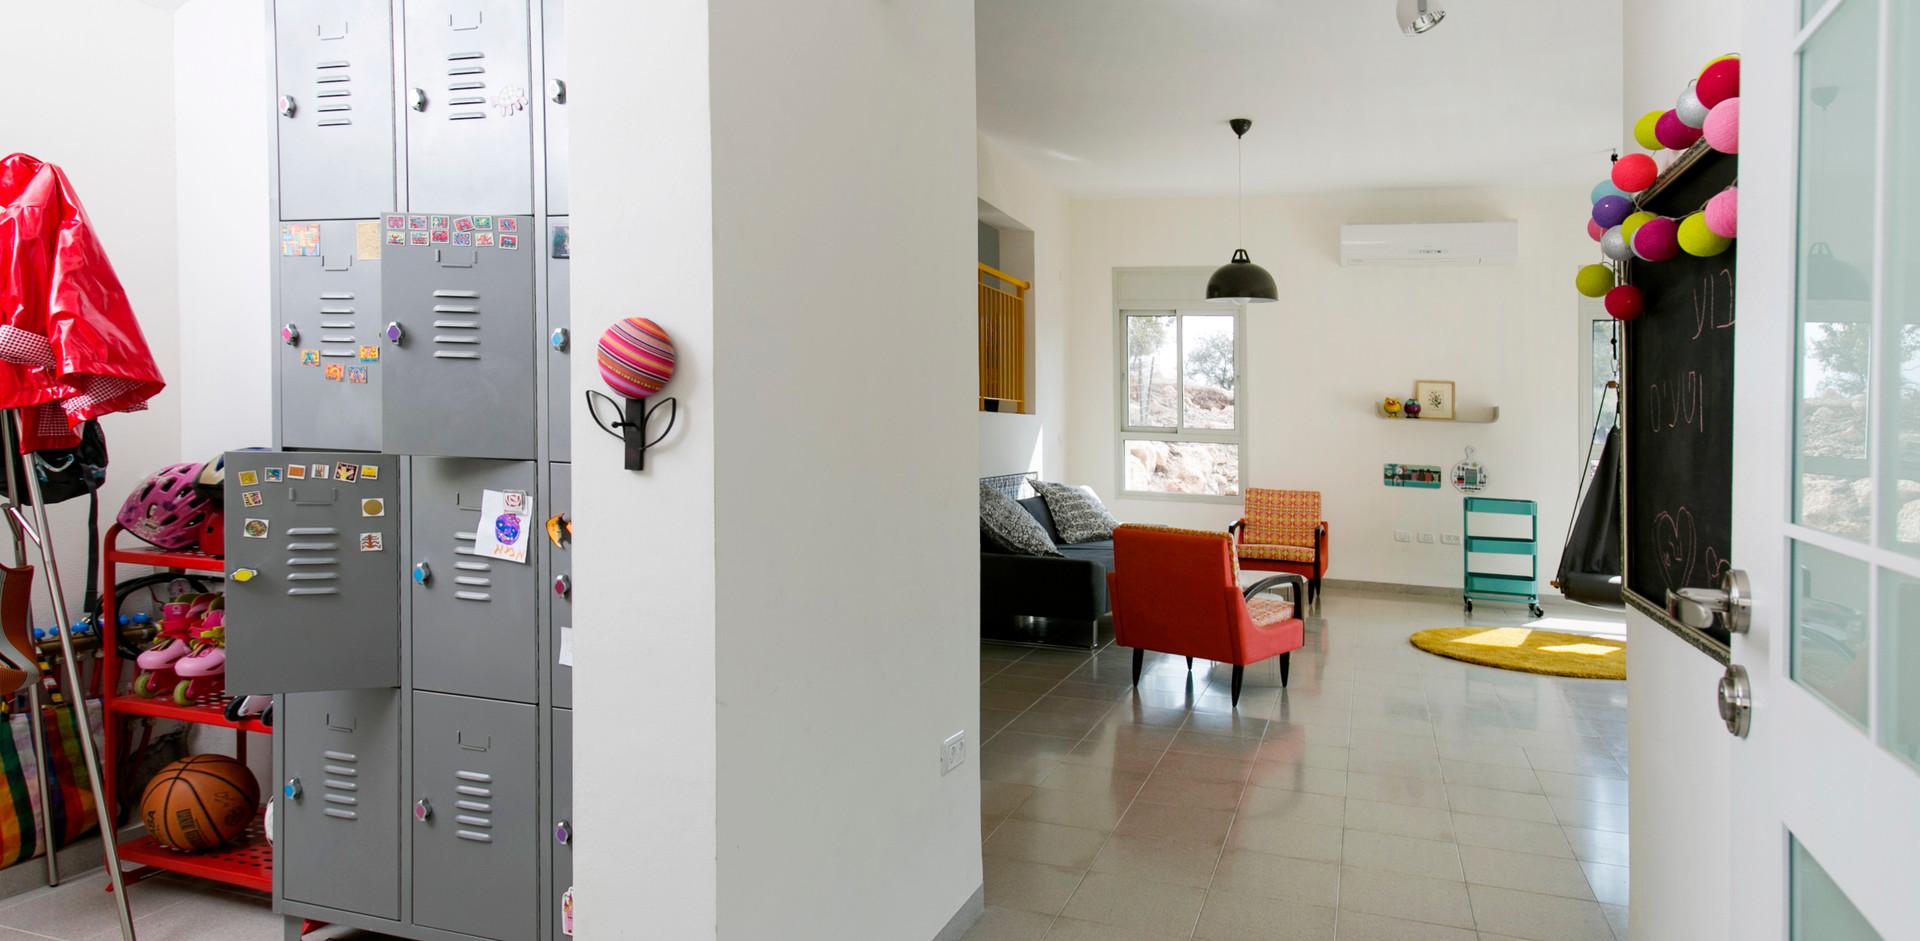 כניסה לבית...ככה זה שהמשפחה בוחרת לחייך את הבלאגן הפרטי שלהם: לוקר עוצב במיוחד לצרכיהם. בלאגן שמח (: